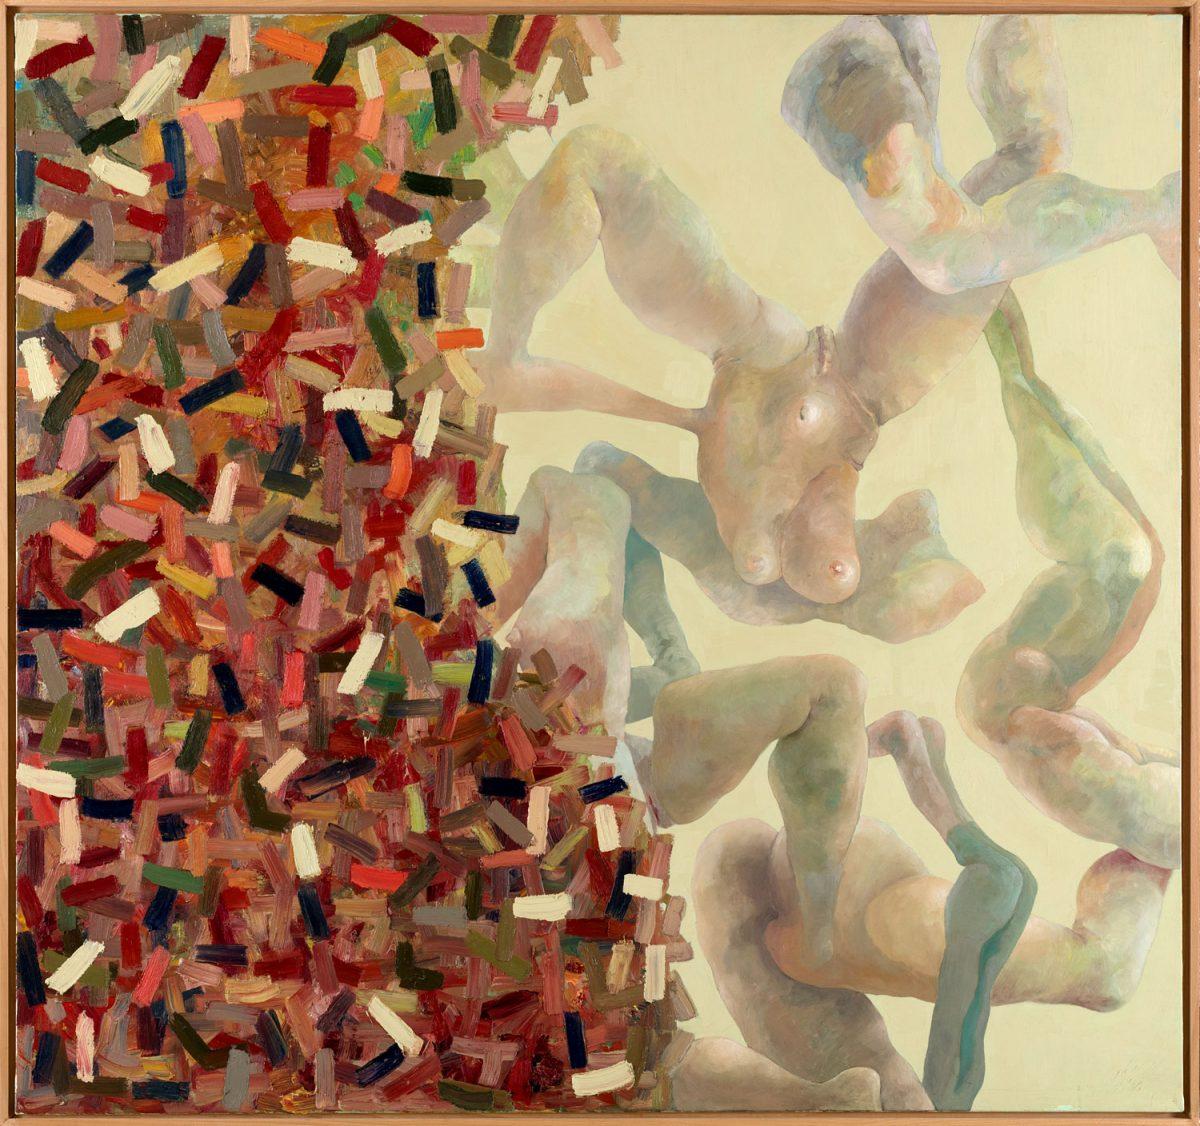 Definierter Raum 1995-96 Öl auf Leinwand 160 x 170 cm